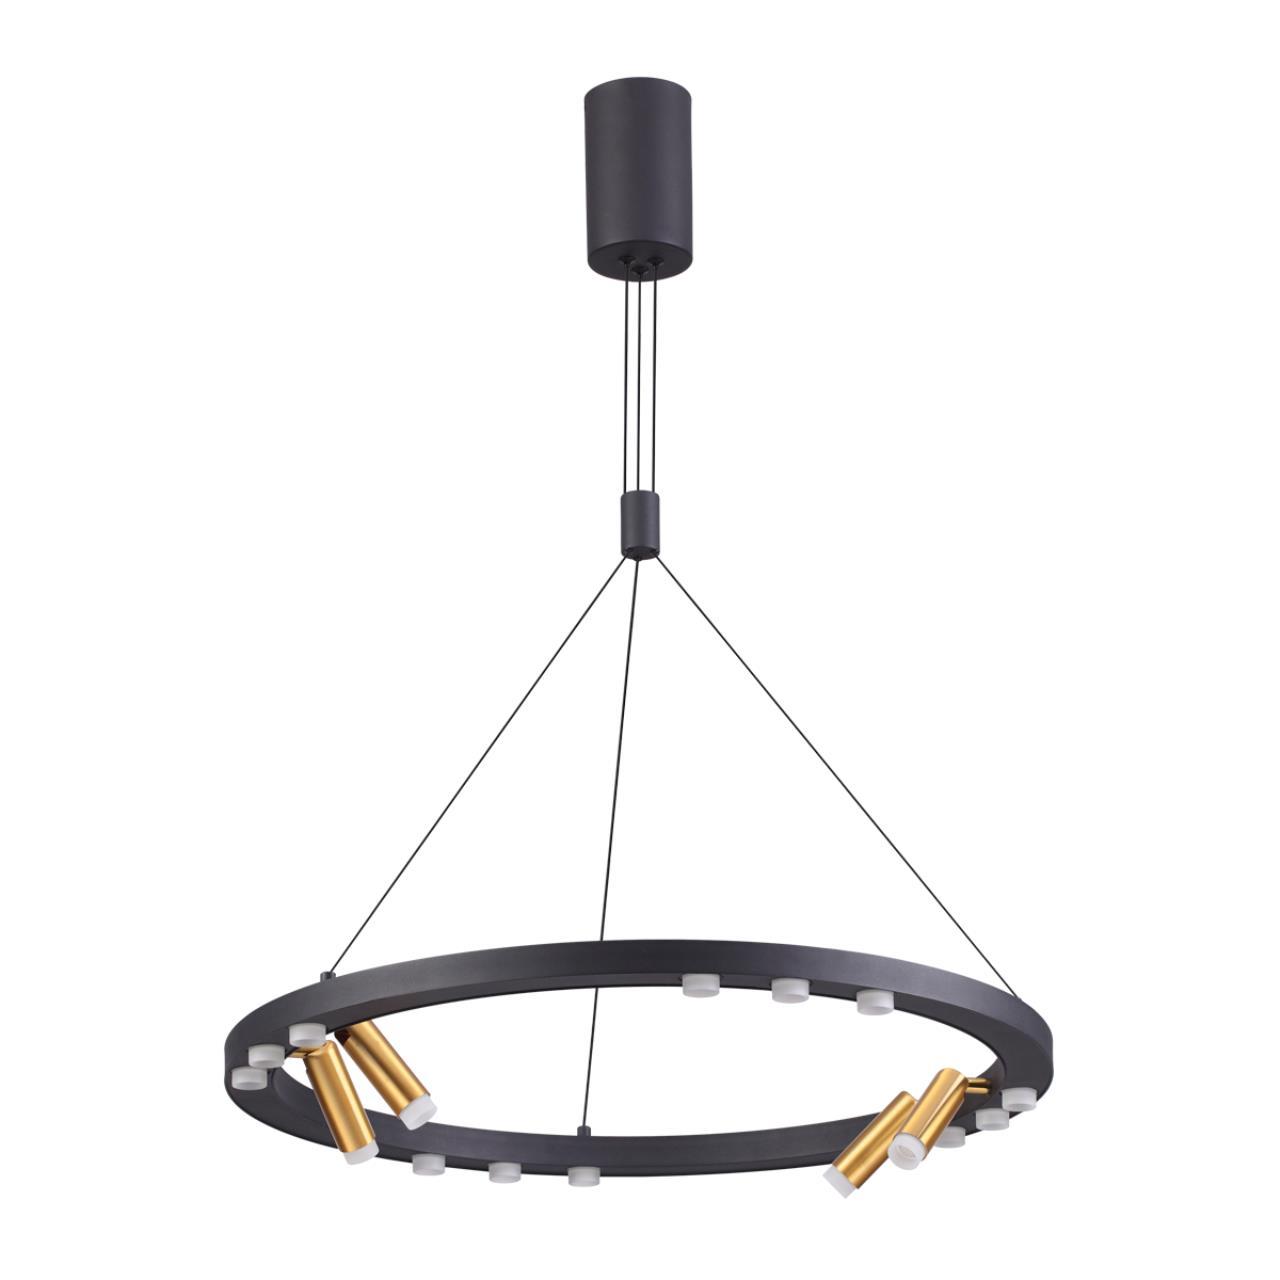 3918/48L L-VISION ODL20 39 черный/золотистый/металл Подвесной светильник LED 48W 4000K BEVEREN